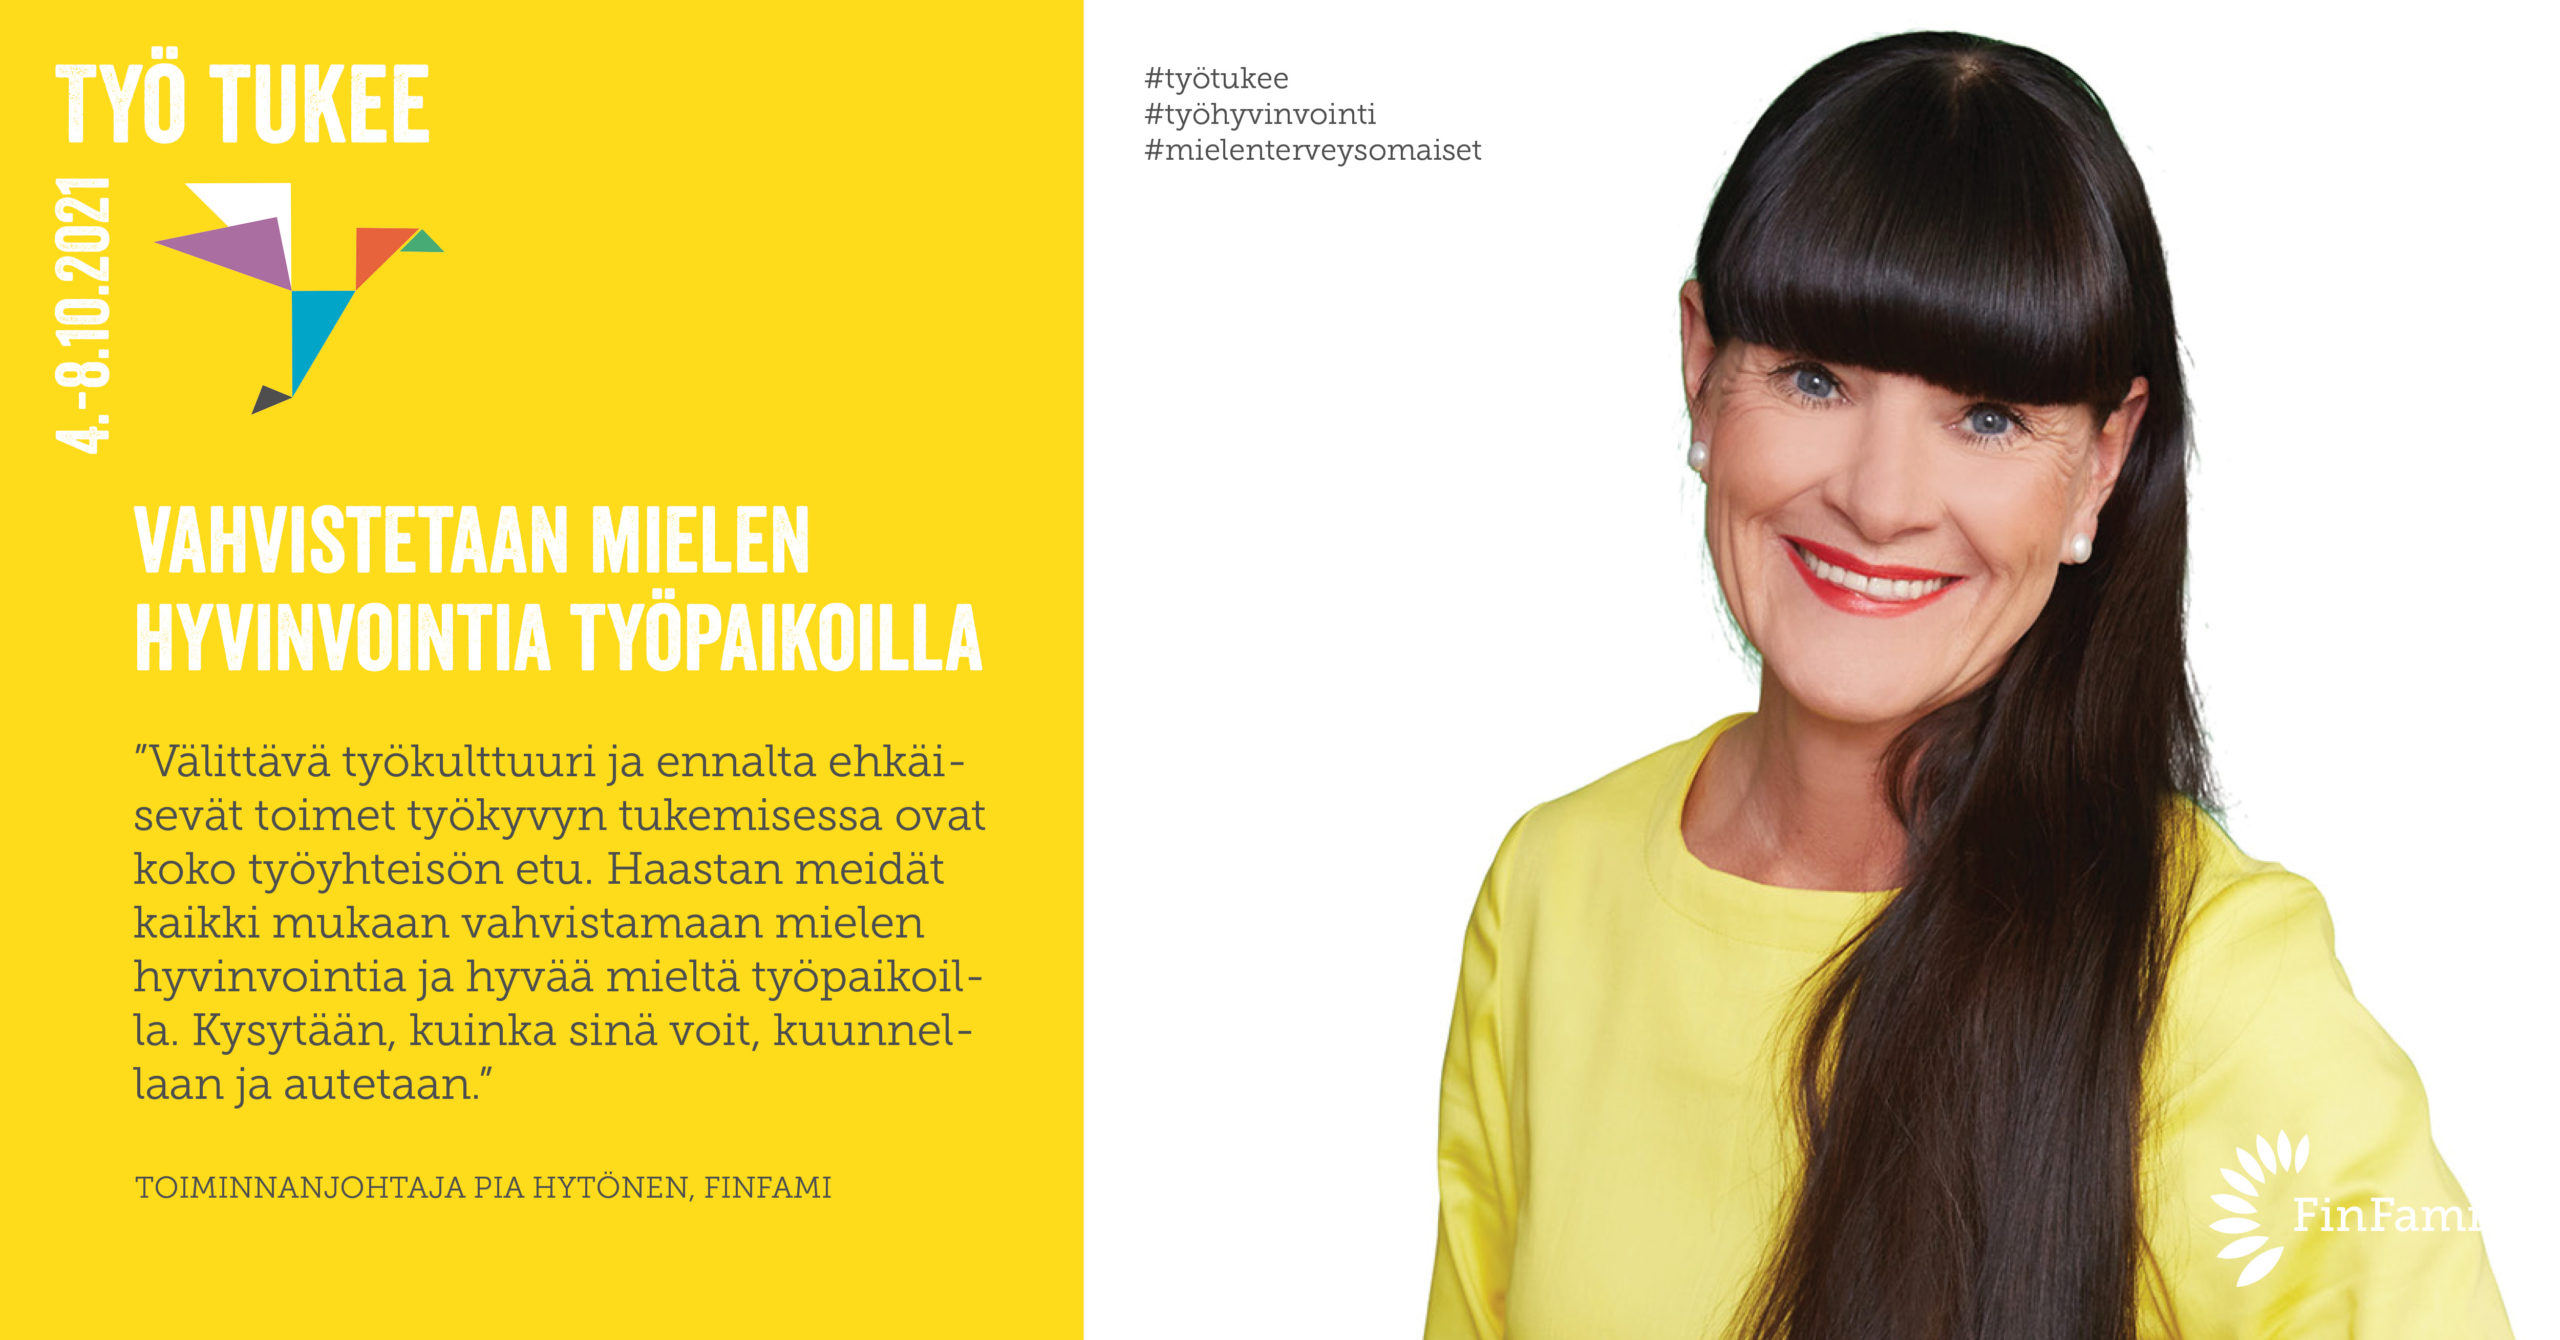 FinFamin Työ tukee -kampanjakuva FinFamin toiminnanjohtaja Pia Hytönen_kuva Mikko Mäntyniemi